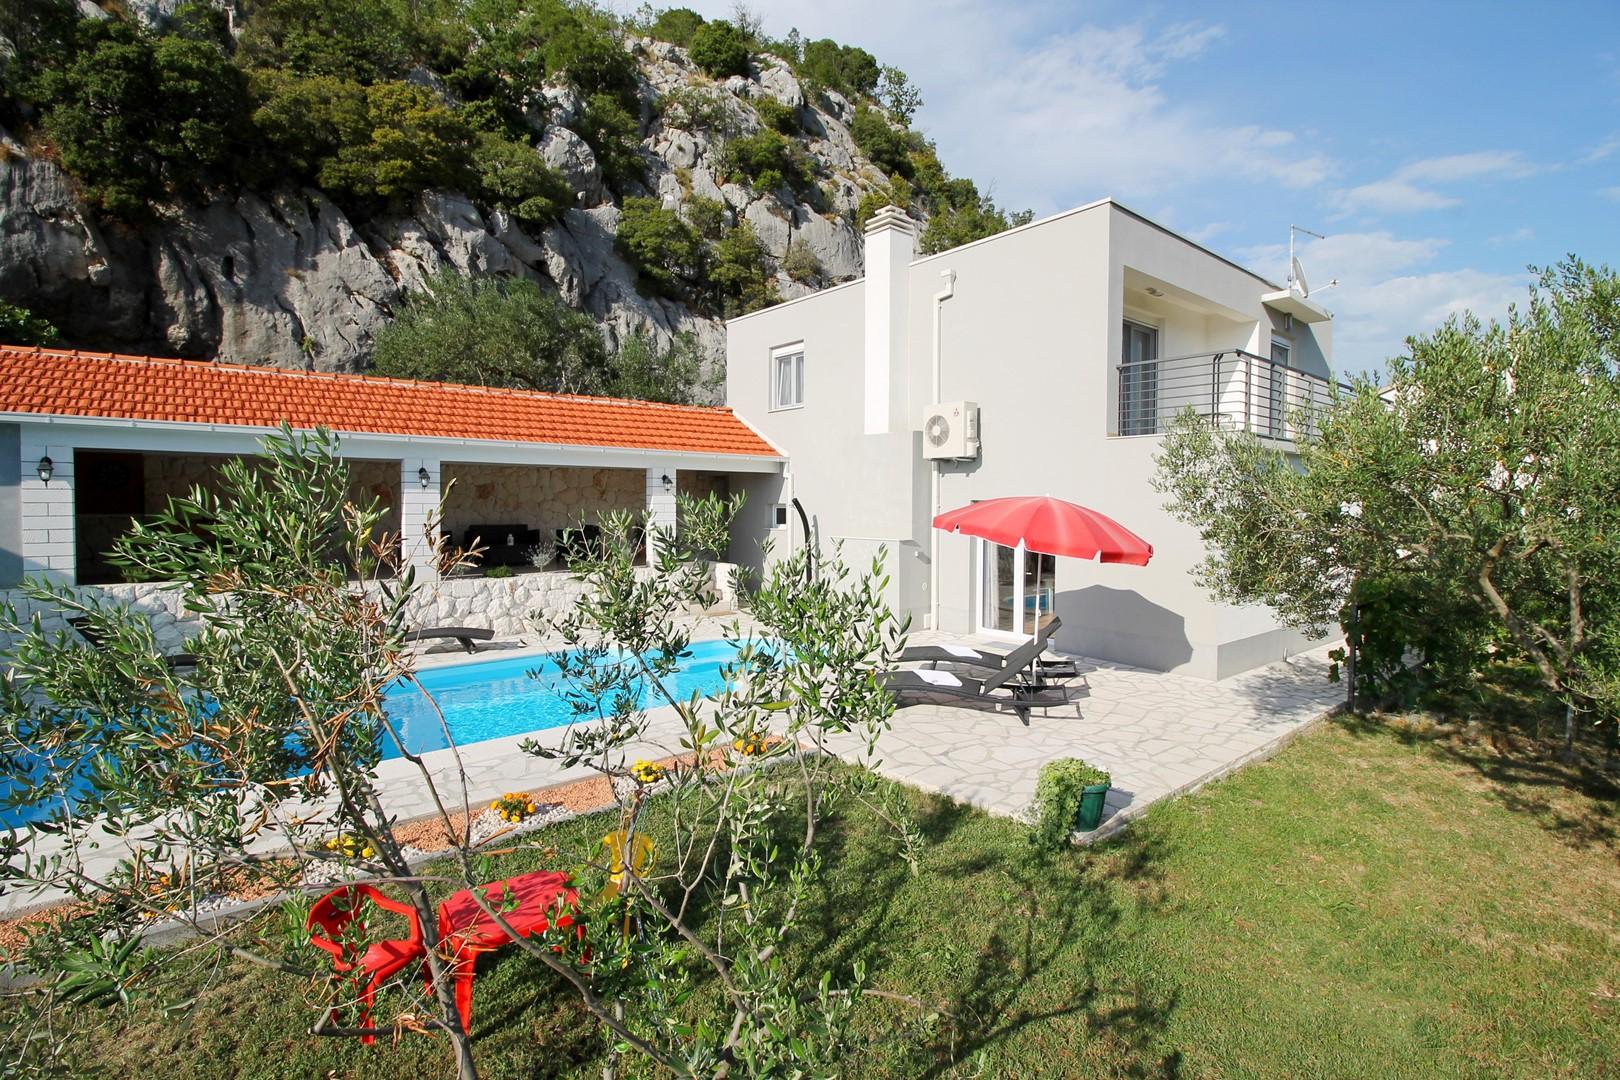 Ferienhaus Privater Pool 3,5 x 8,6 m, überdachter Essbereich im Freien, kostenloses WLAN, voll - klim (2663850), Kostanje, , Dalmatien, Kroatien, Bild 9